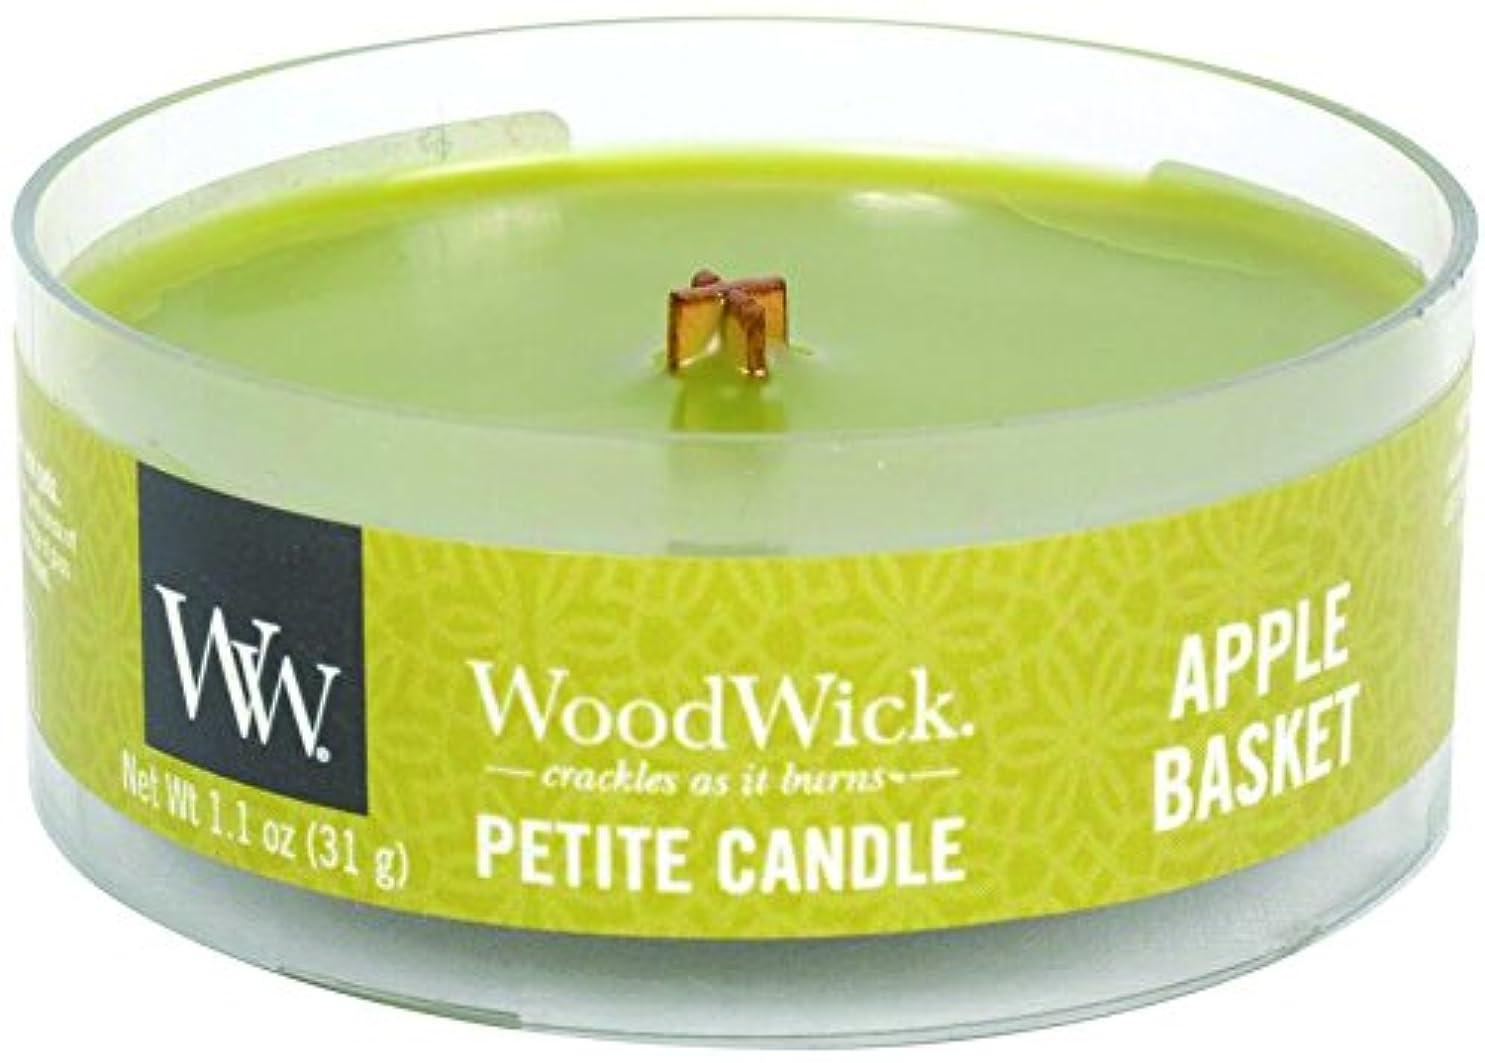 不信下協定Wood Wick ウッドウィック プチキャンドル アップルバスケット